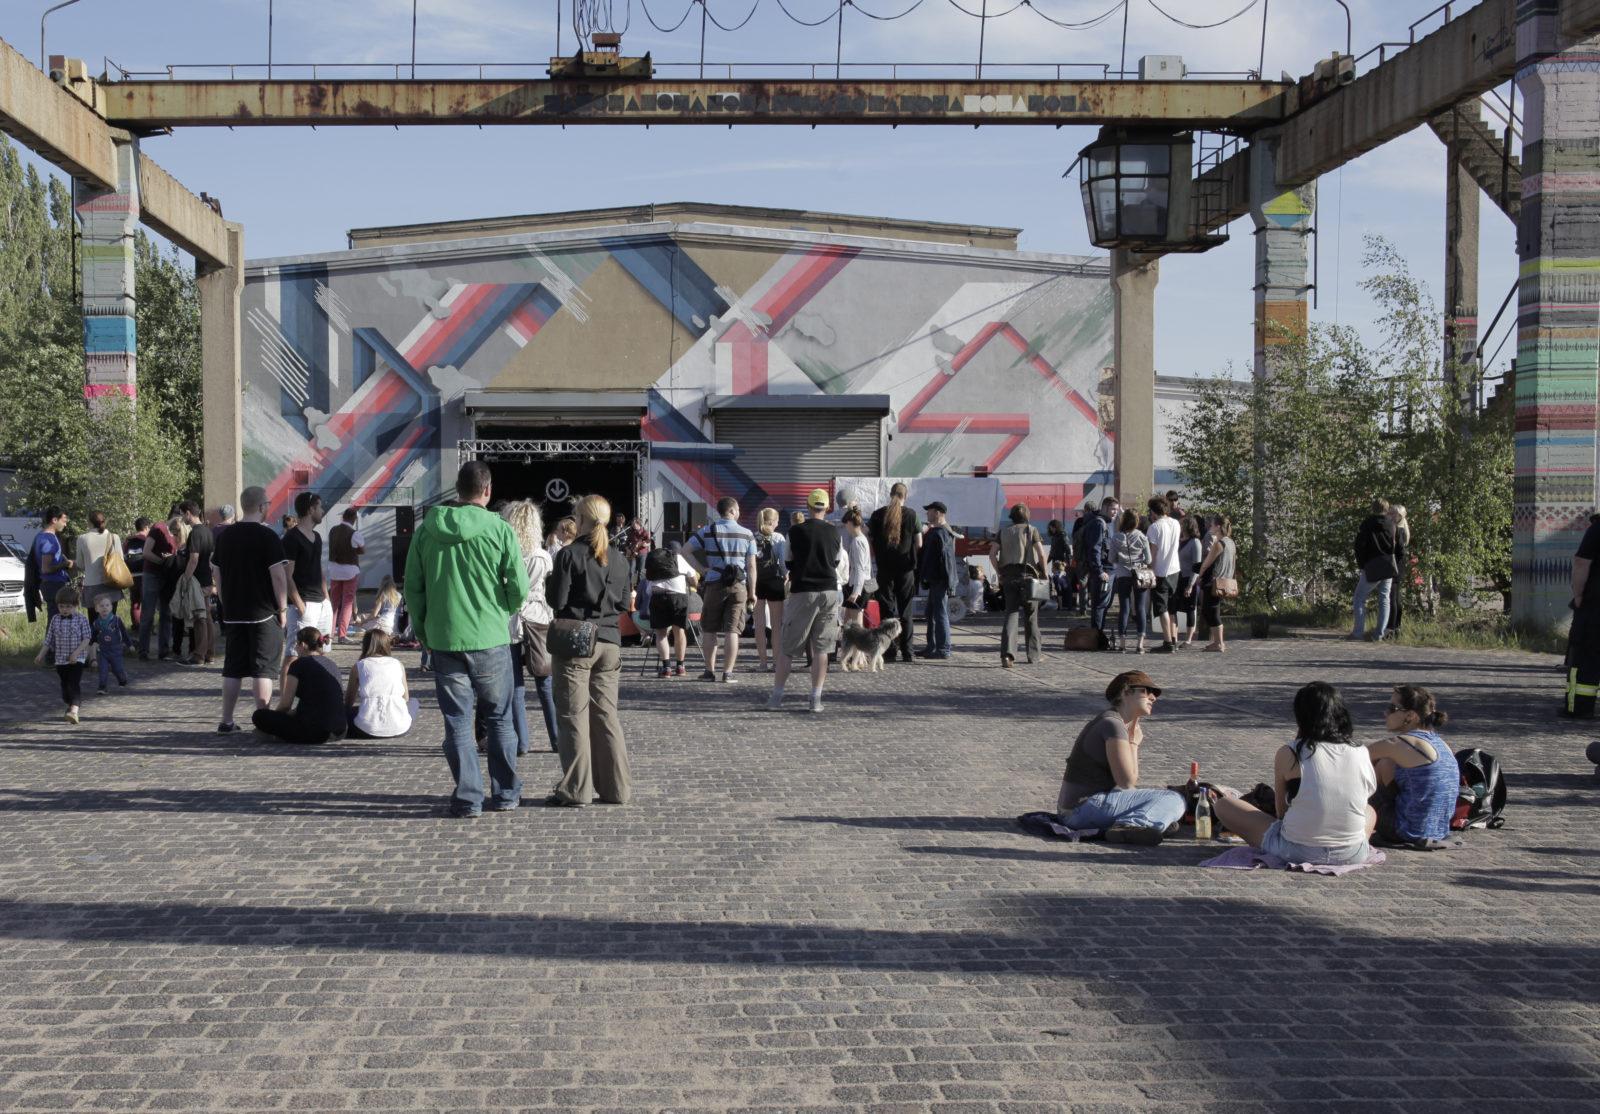 Halle ville allemande streetart fartbone toms hangar 1 - Désertée, la ville allemande de Halle reprend vie grâce au street art